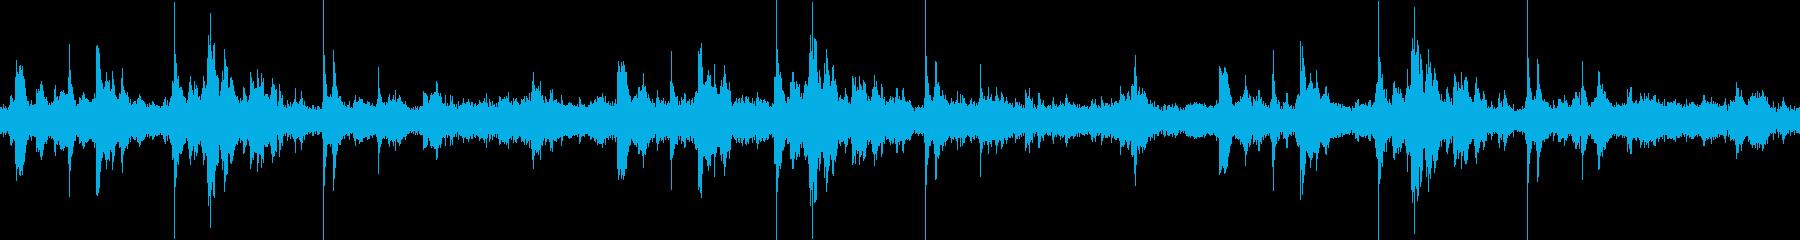 環境音 工事現場 重機 ショベルカーの再生済みの波形